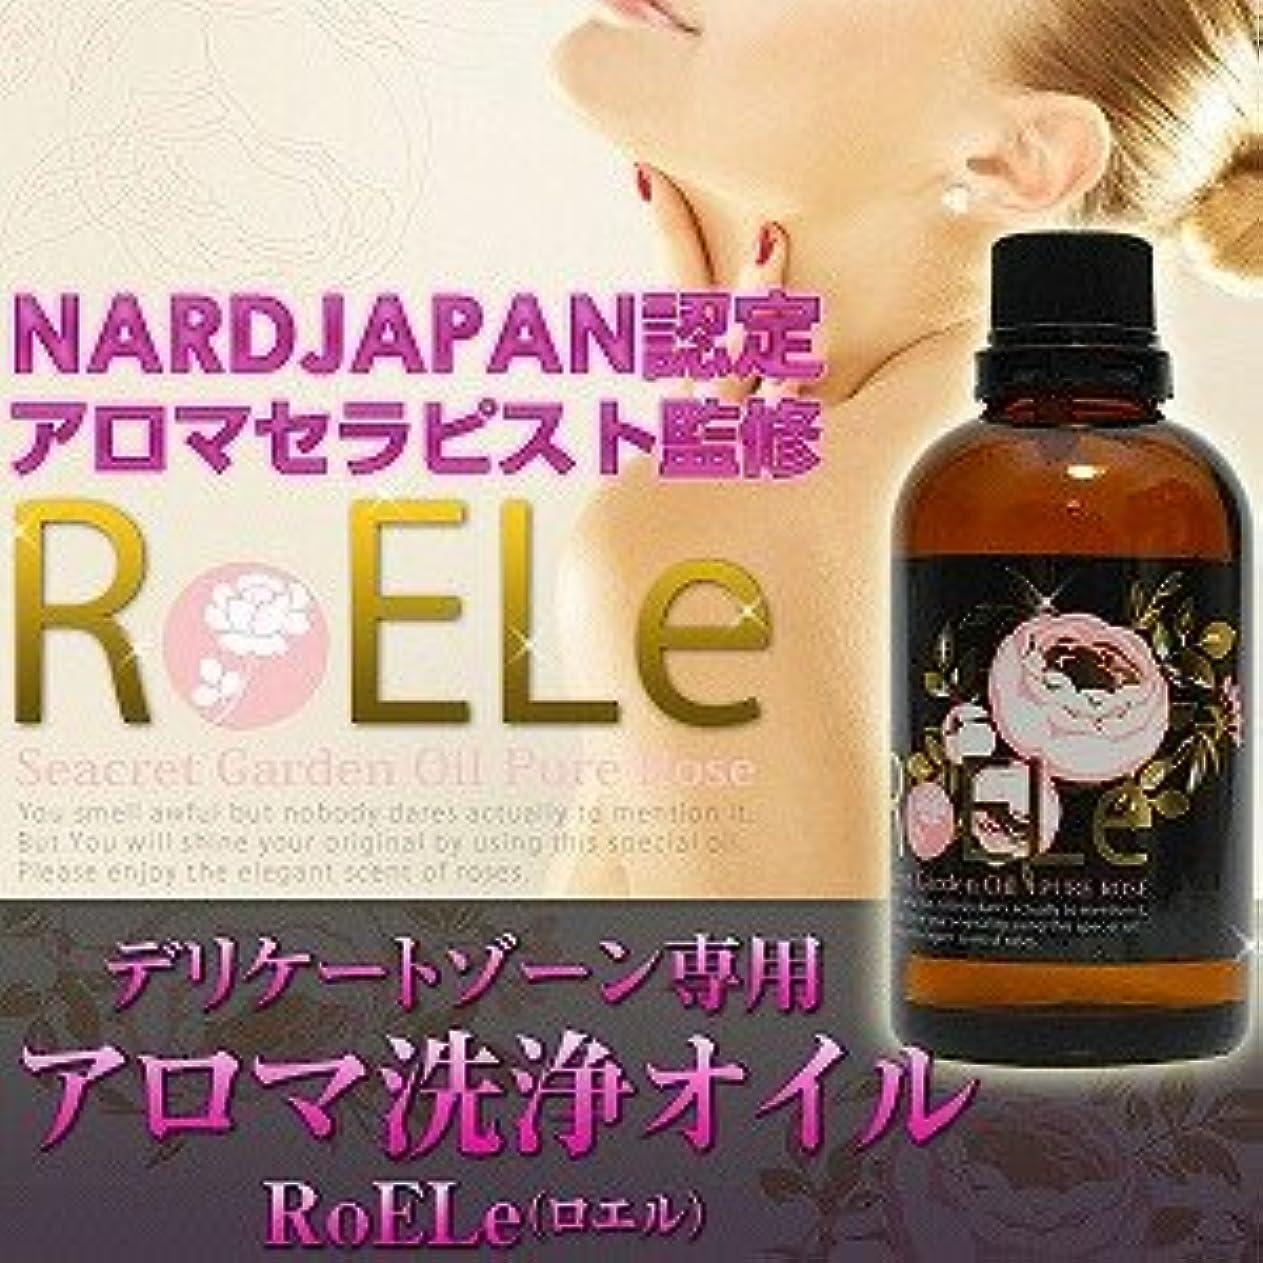 通訳囲い備品デリケートゾーン専用、アロマ洗浄オイル『RoELe(ロエル)』